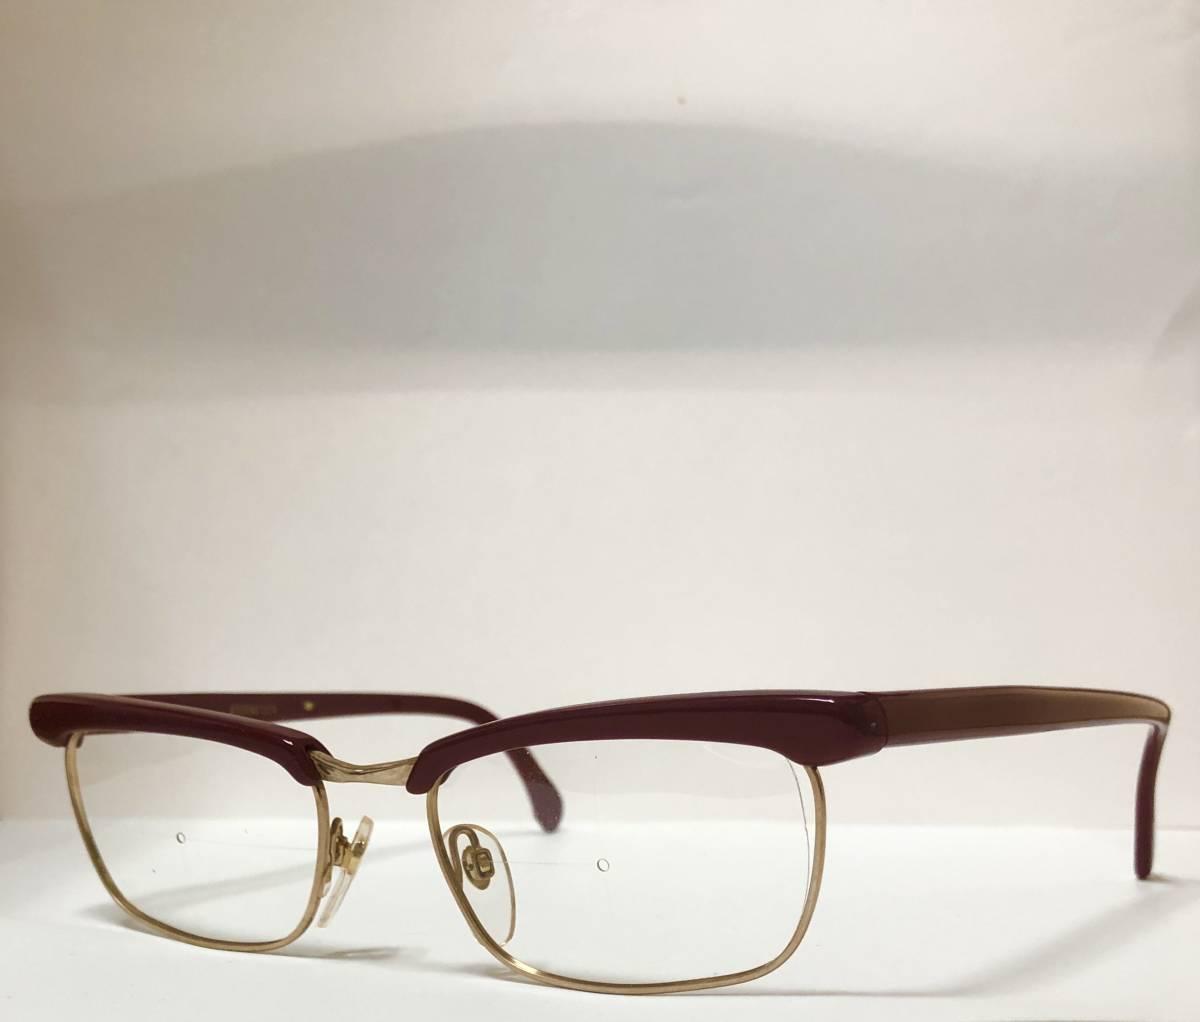 1960年代・新品】西ドイツ製ローデンストック 純正 Rodenstock 12K金張 ベッティーナ 赤茶色145サイズ メガネ_画像9